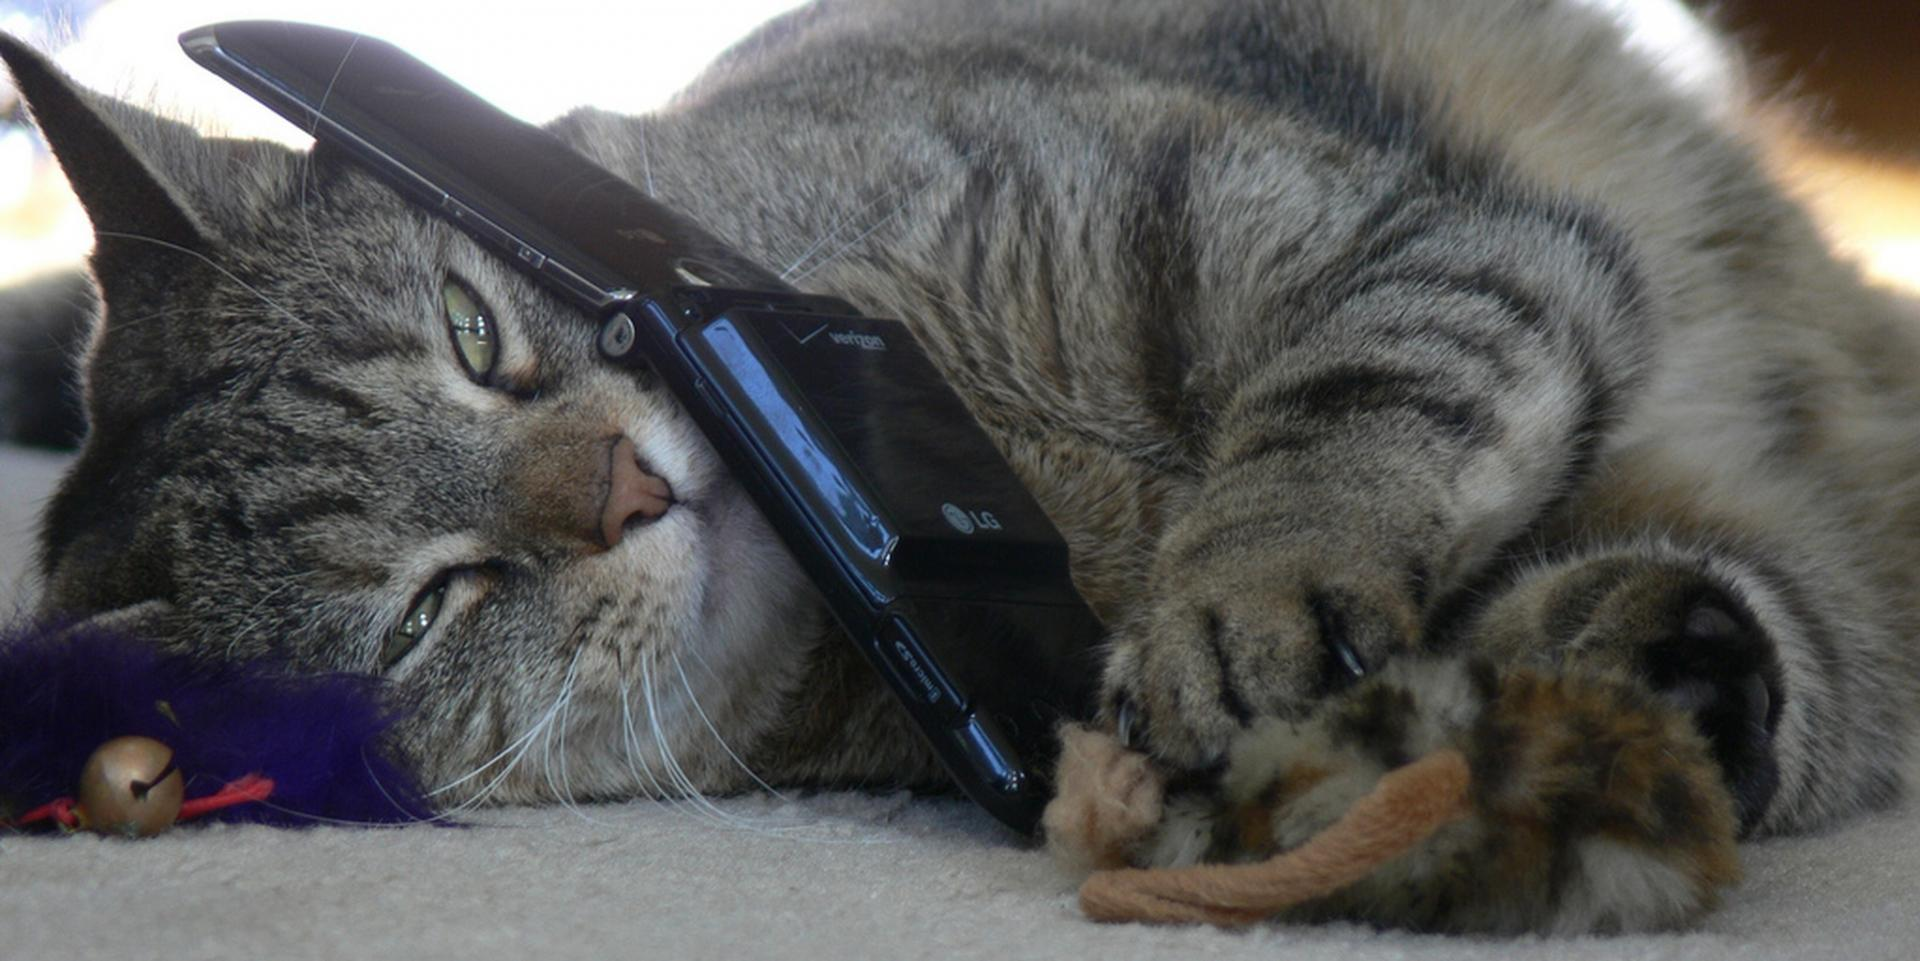 Кот и телефон картинки приколы